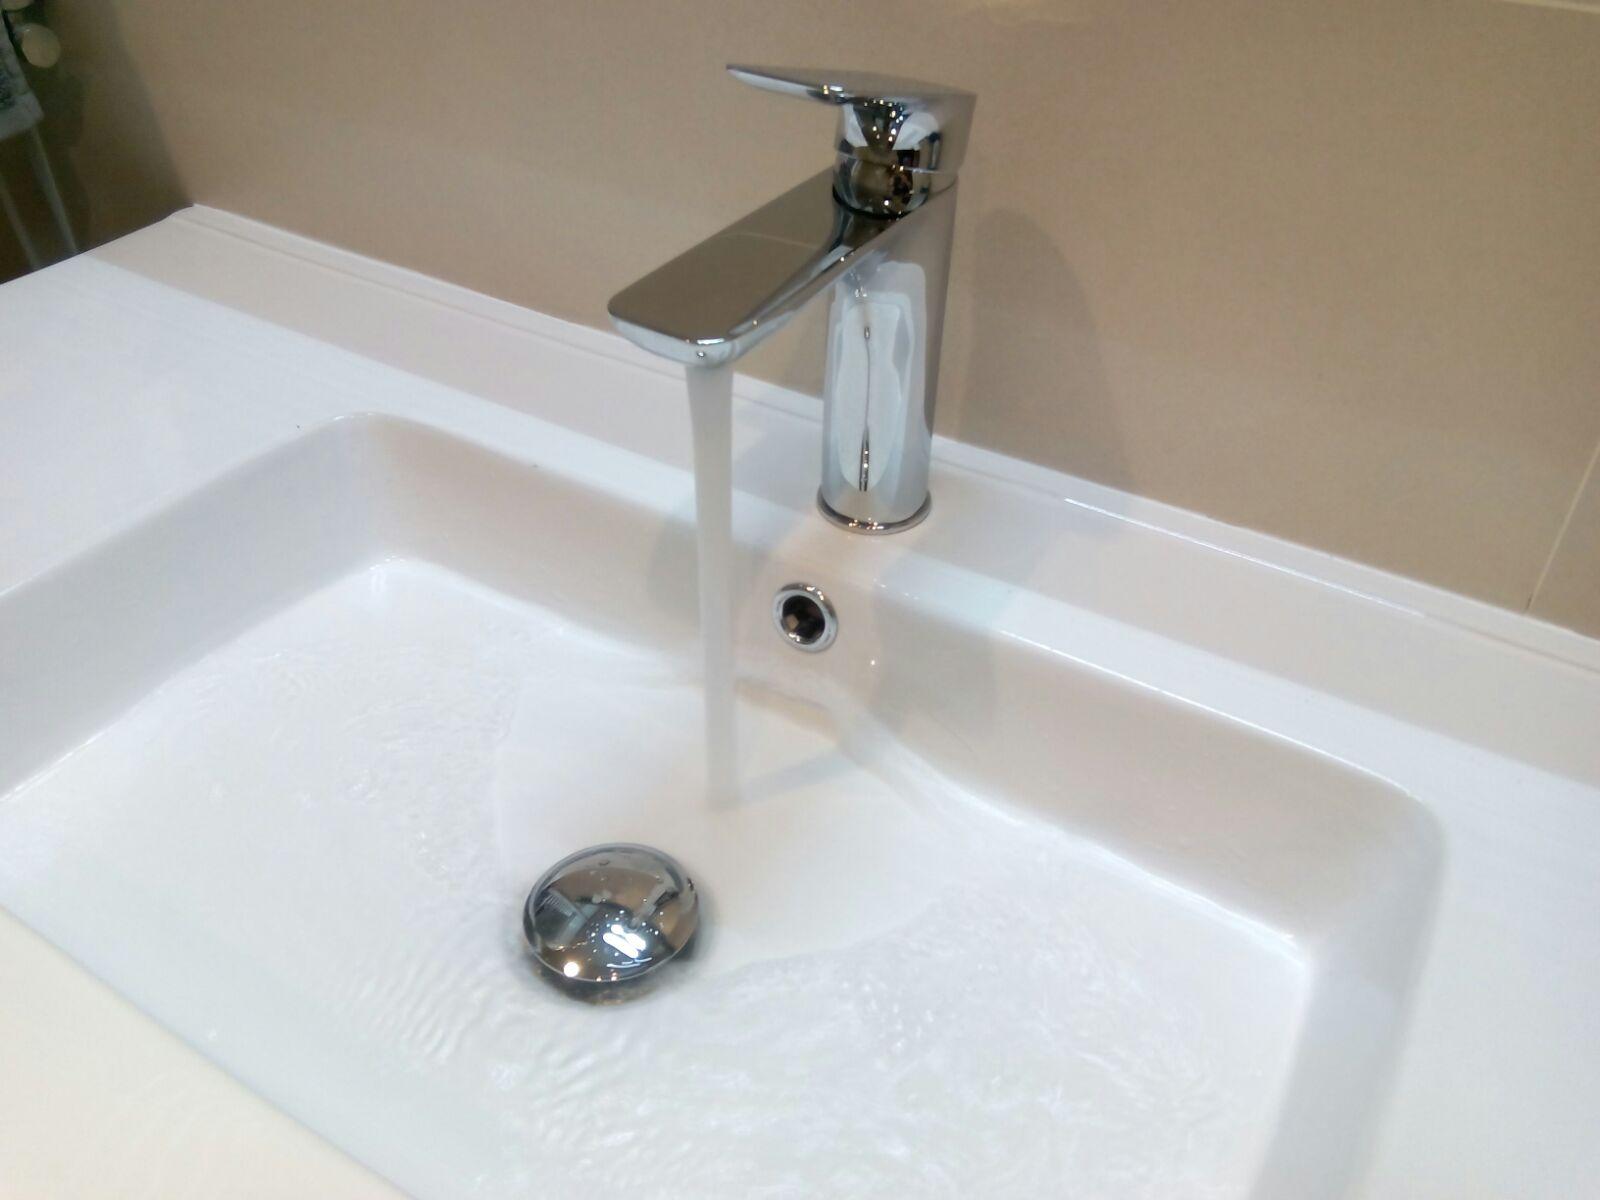 Monomando lavabo Moncayo , cromo.